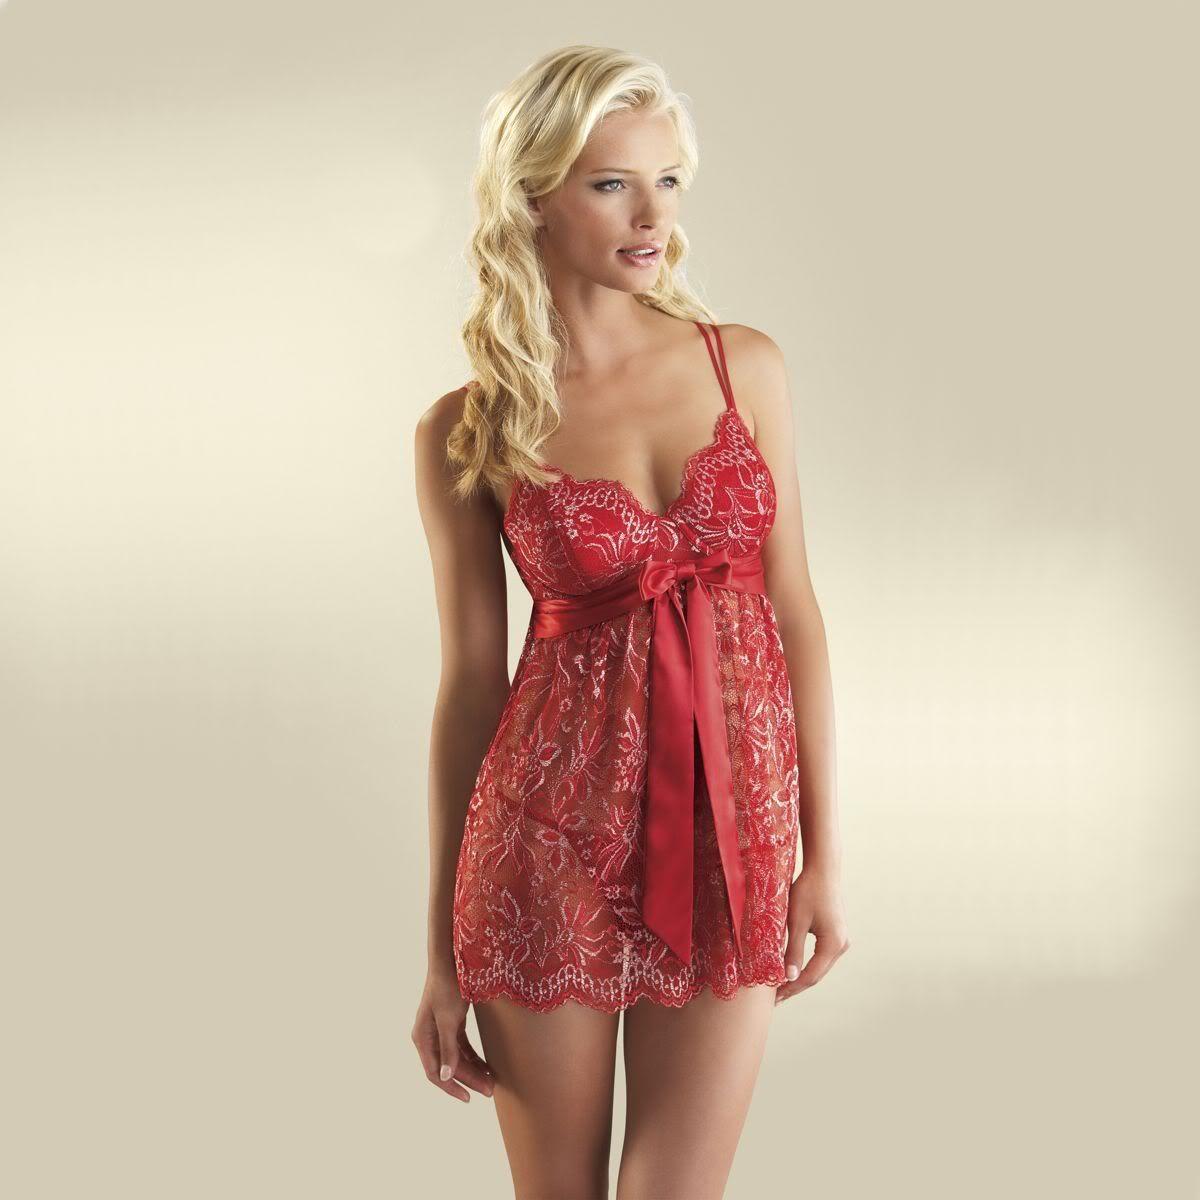 debrah-farentino-lingerie